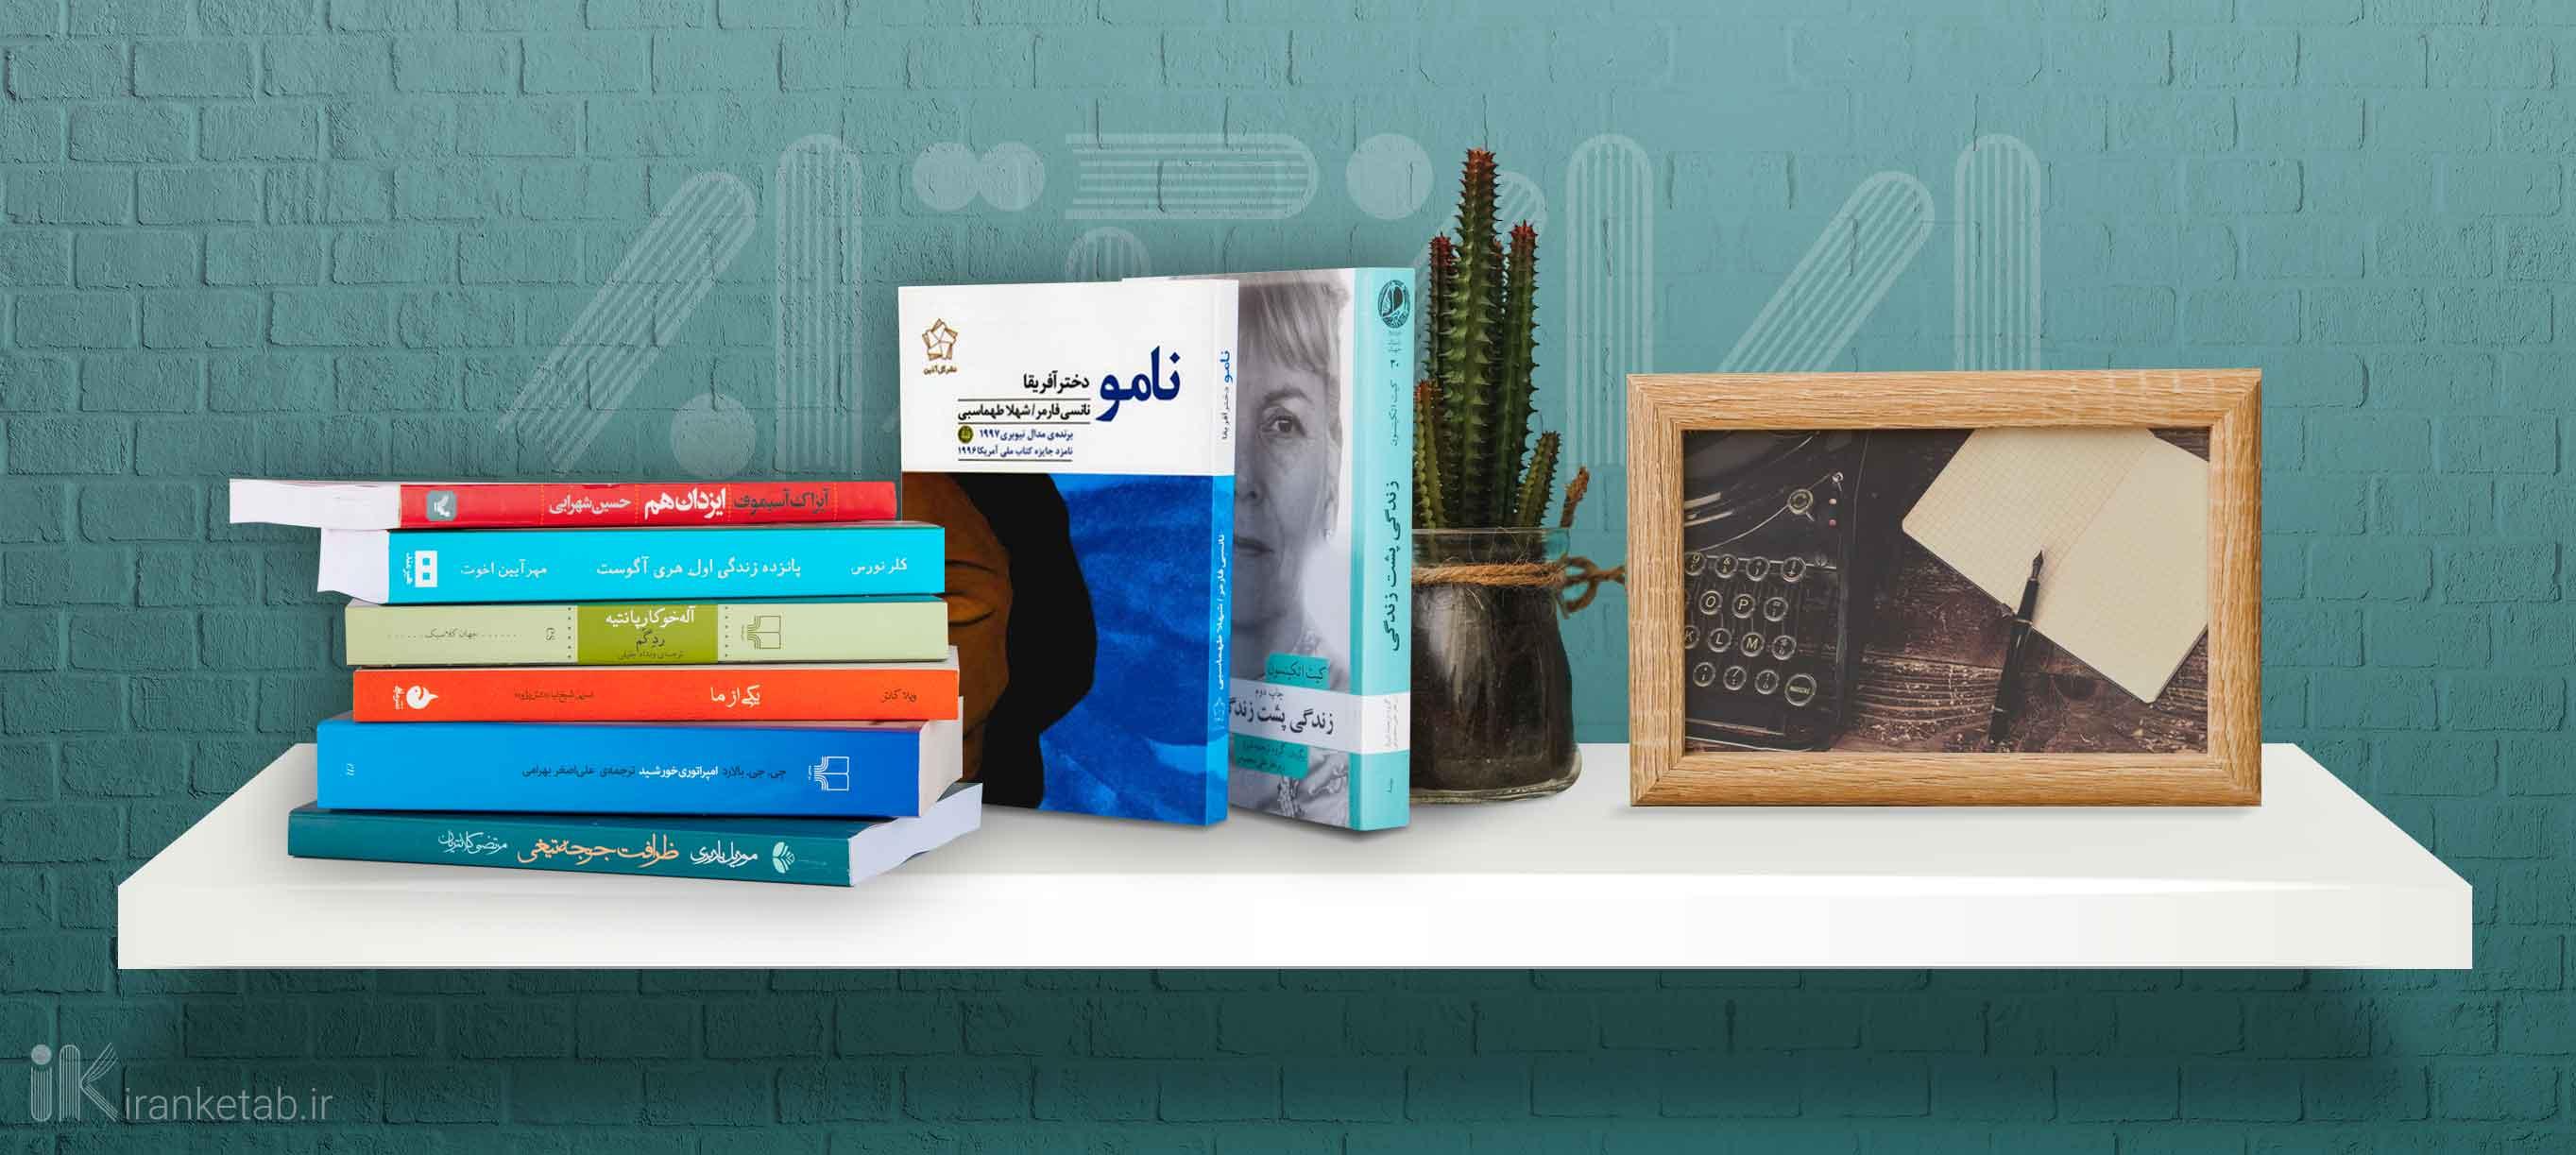 ایران کتاب, فروشگاه اینترنتی ایران کتاب,کتابخانه تخصصی ادبیات داستانی